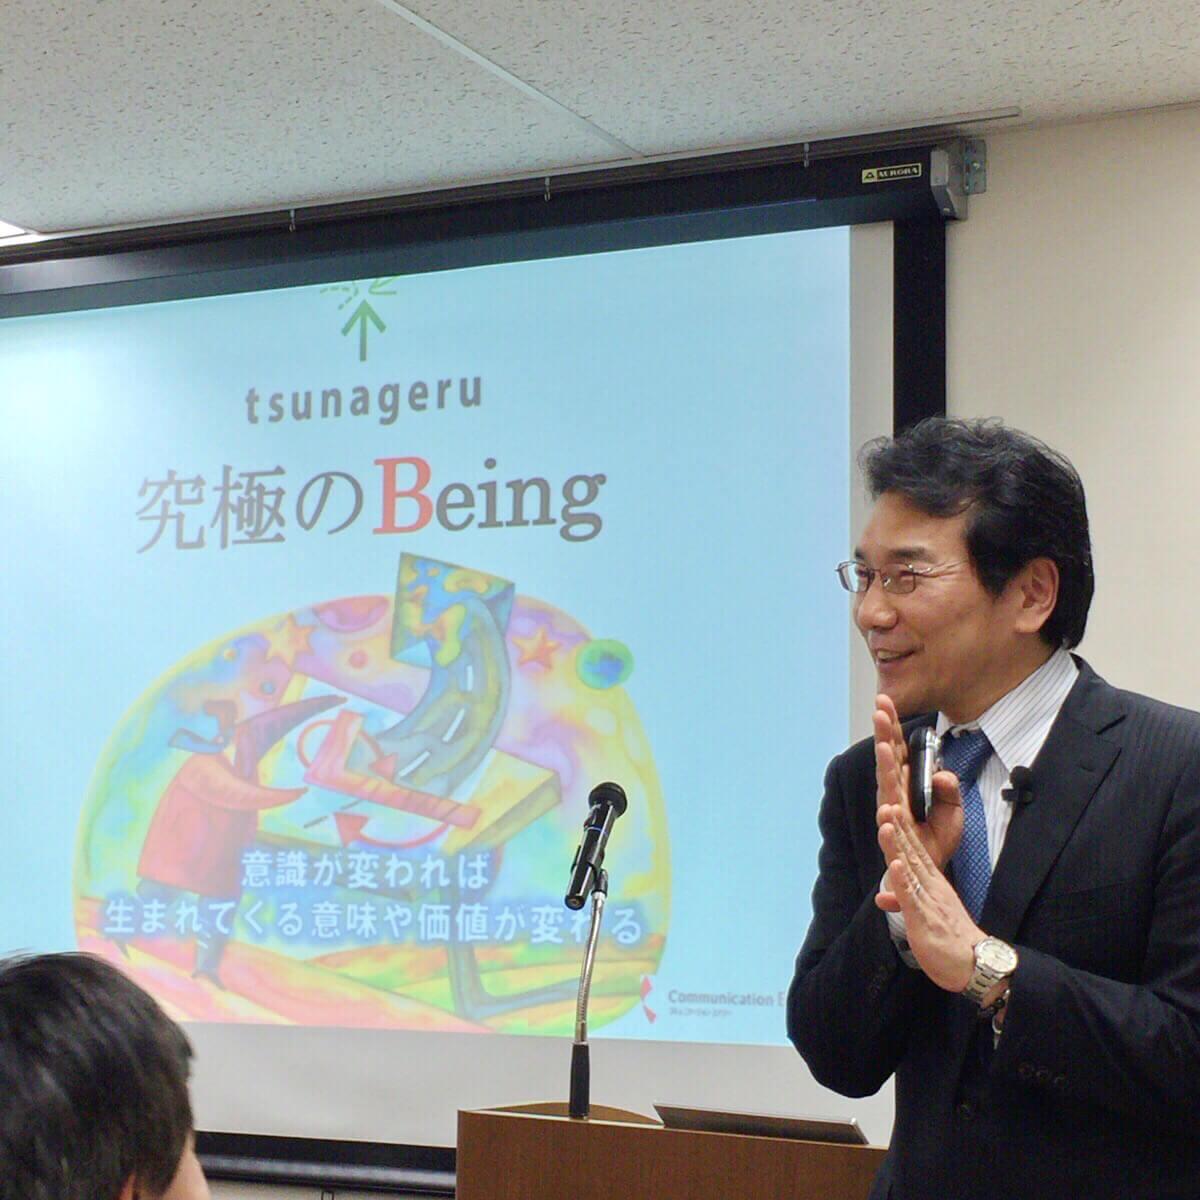 組織作りのプロが語る場づくりの大切さ 湯ノ口弘二さんの講演が熱かった!